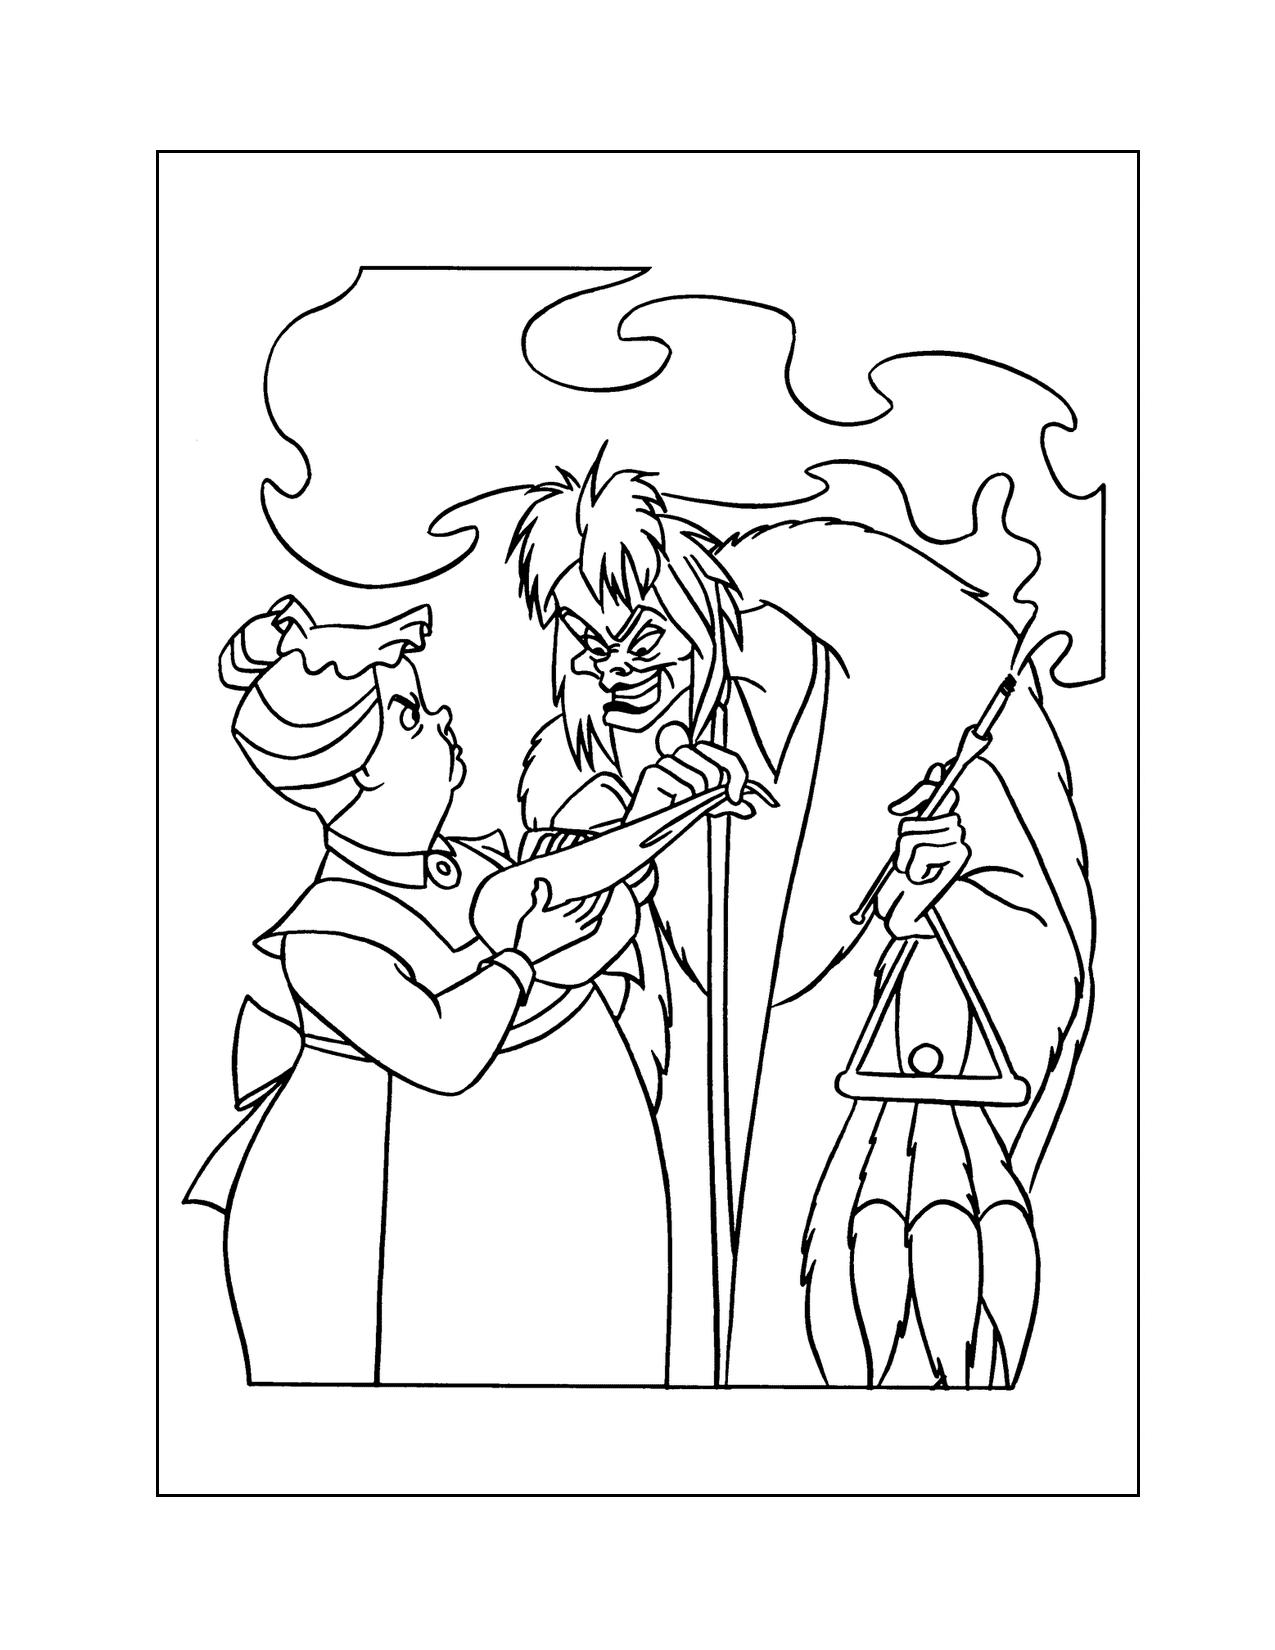 Cruella Deville Coloring Page